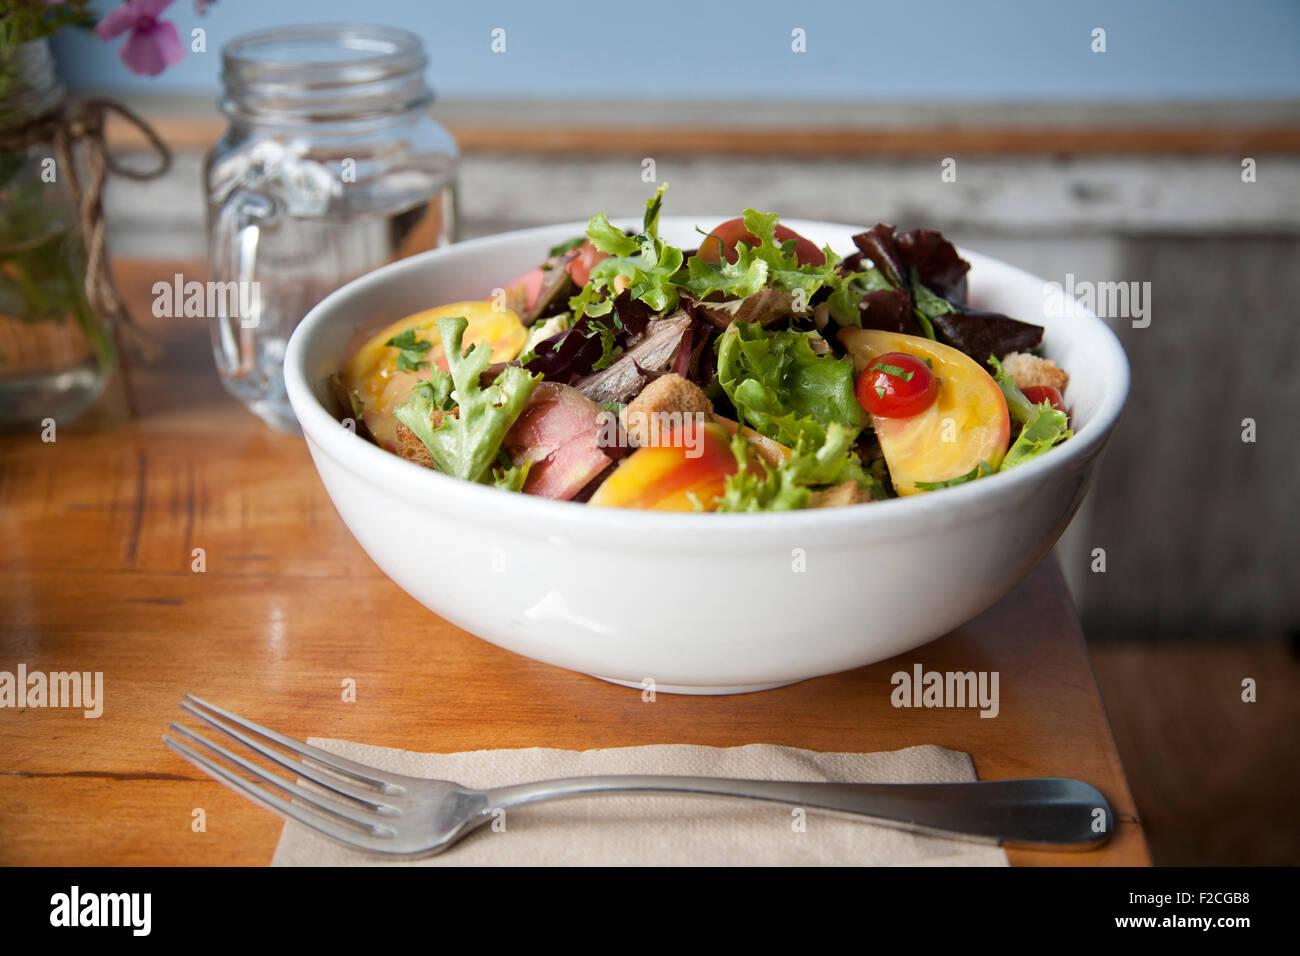 Vista laterale di insalata in bianco ciotola con forcella, igienico, Immagini Stock